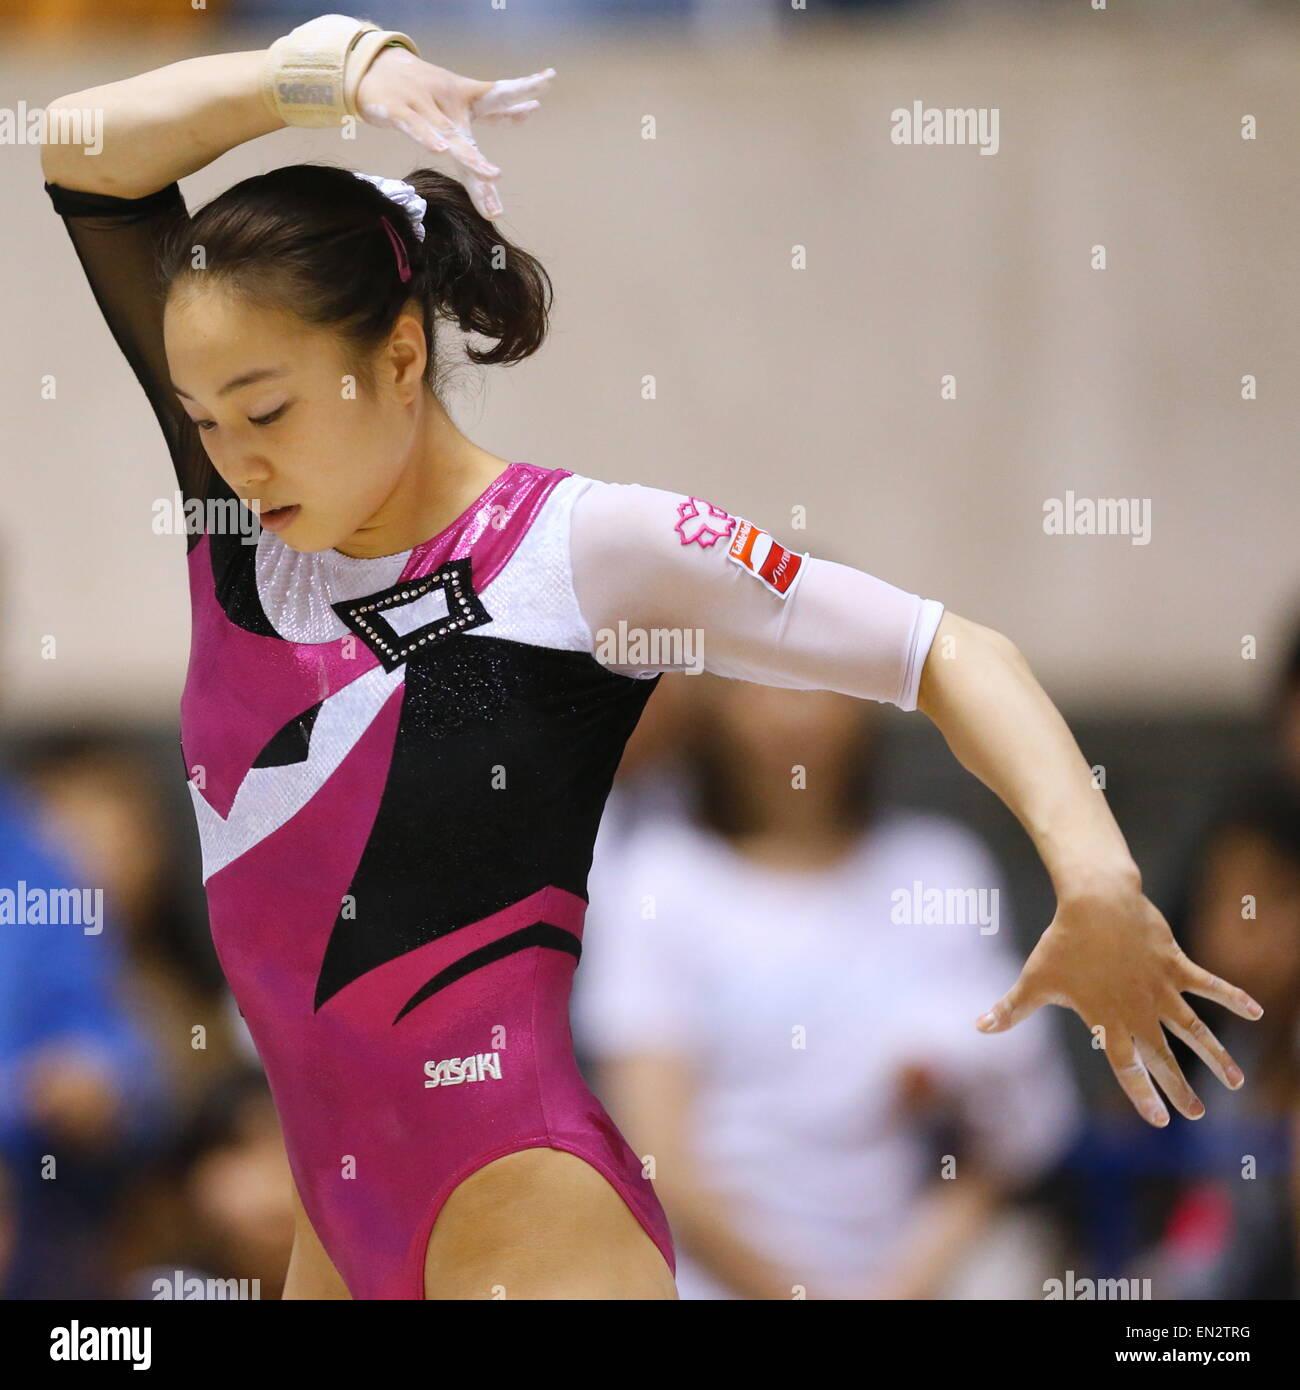 Natsumi Sasada, Abril 26, 2015 - Gimnasia Artística : El 69º Campeonato de todo Japón Gimnasia Wmen Imagen De Stock